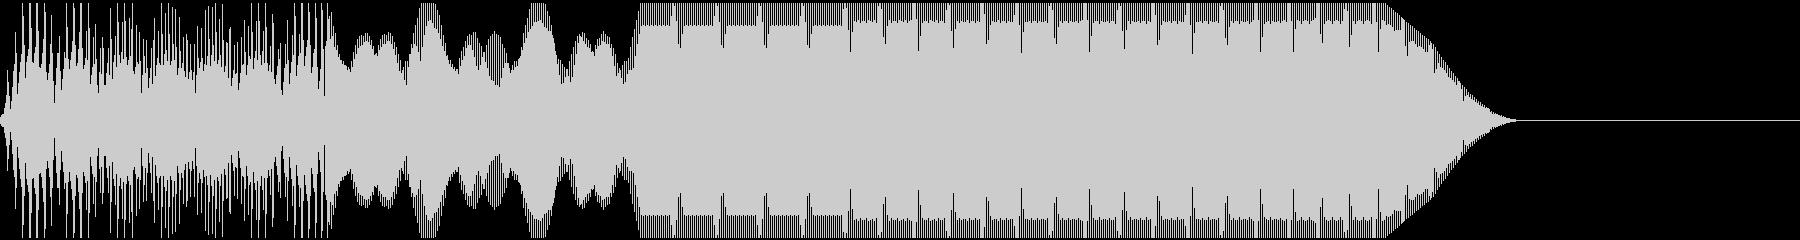 ピキーン(警告/エラー/サイレン/高音の未再生の波形